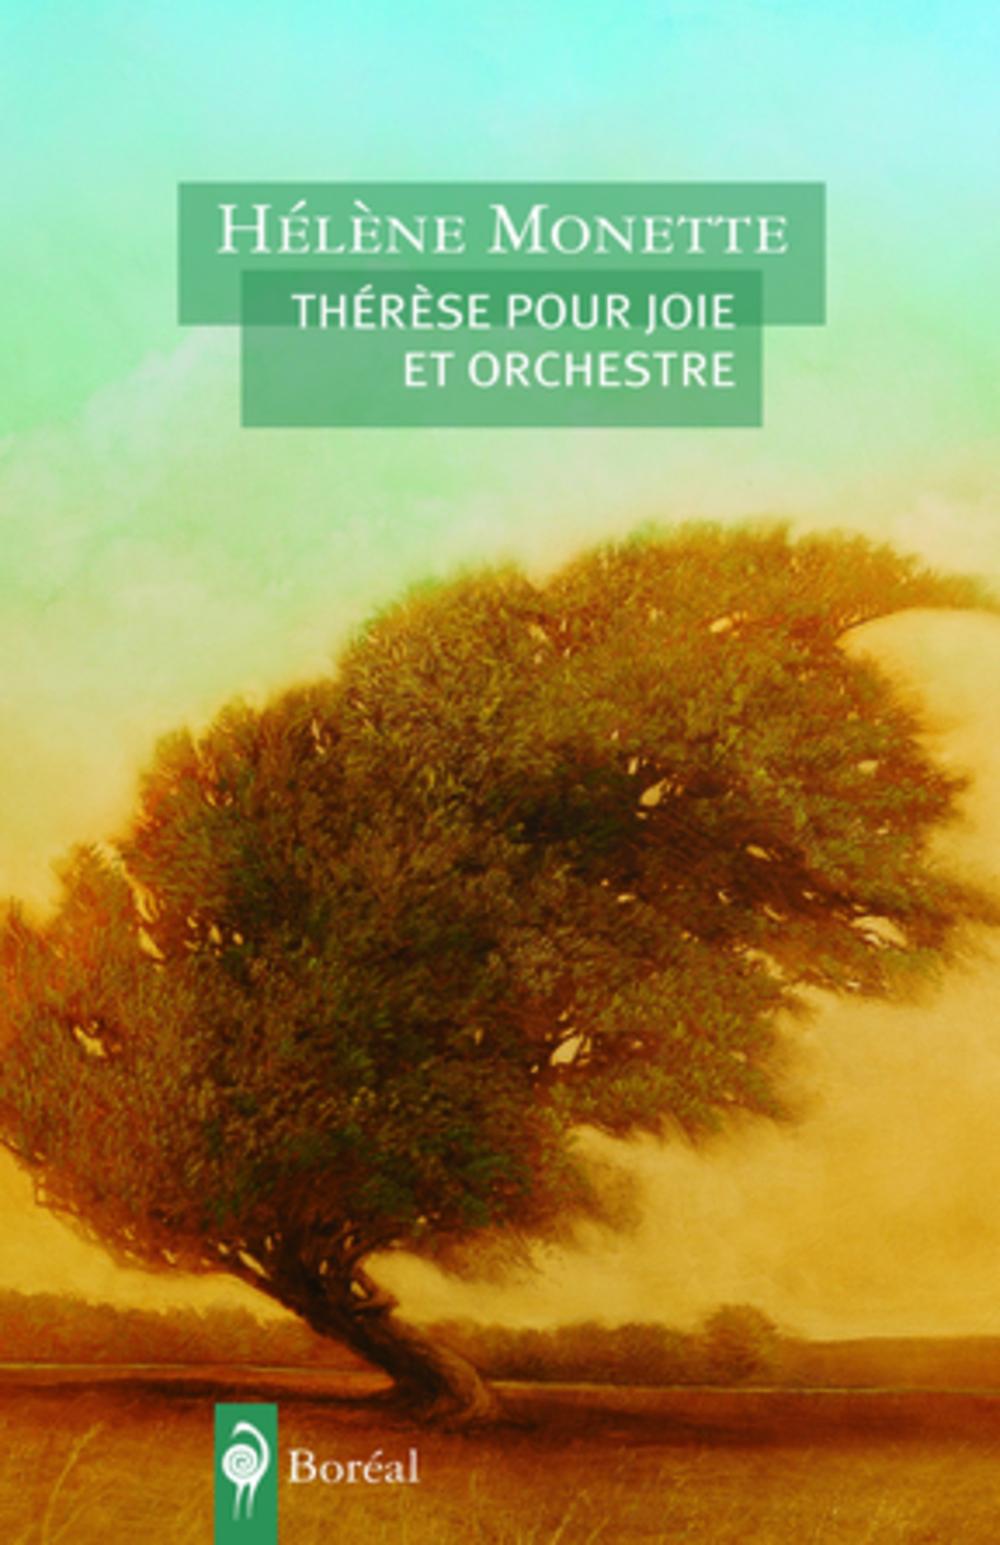 Thérèse pour joie et orchestre